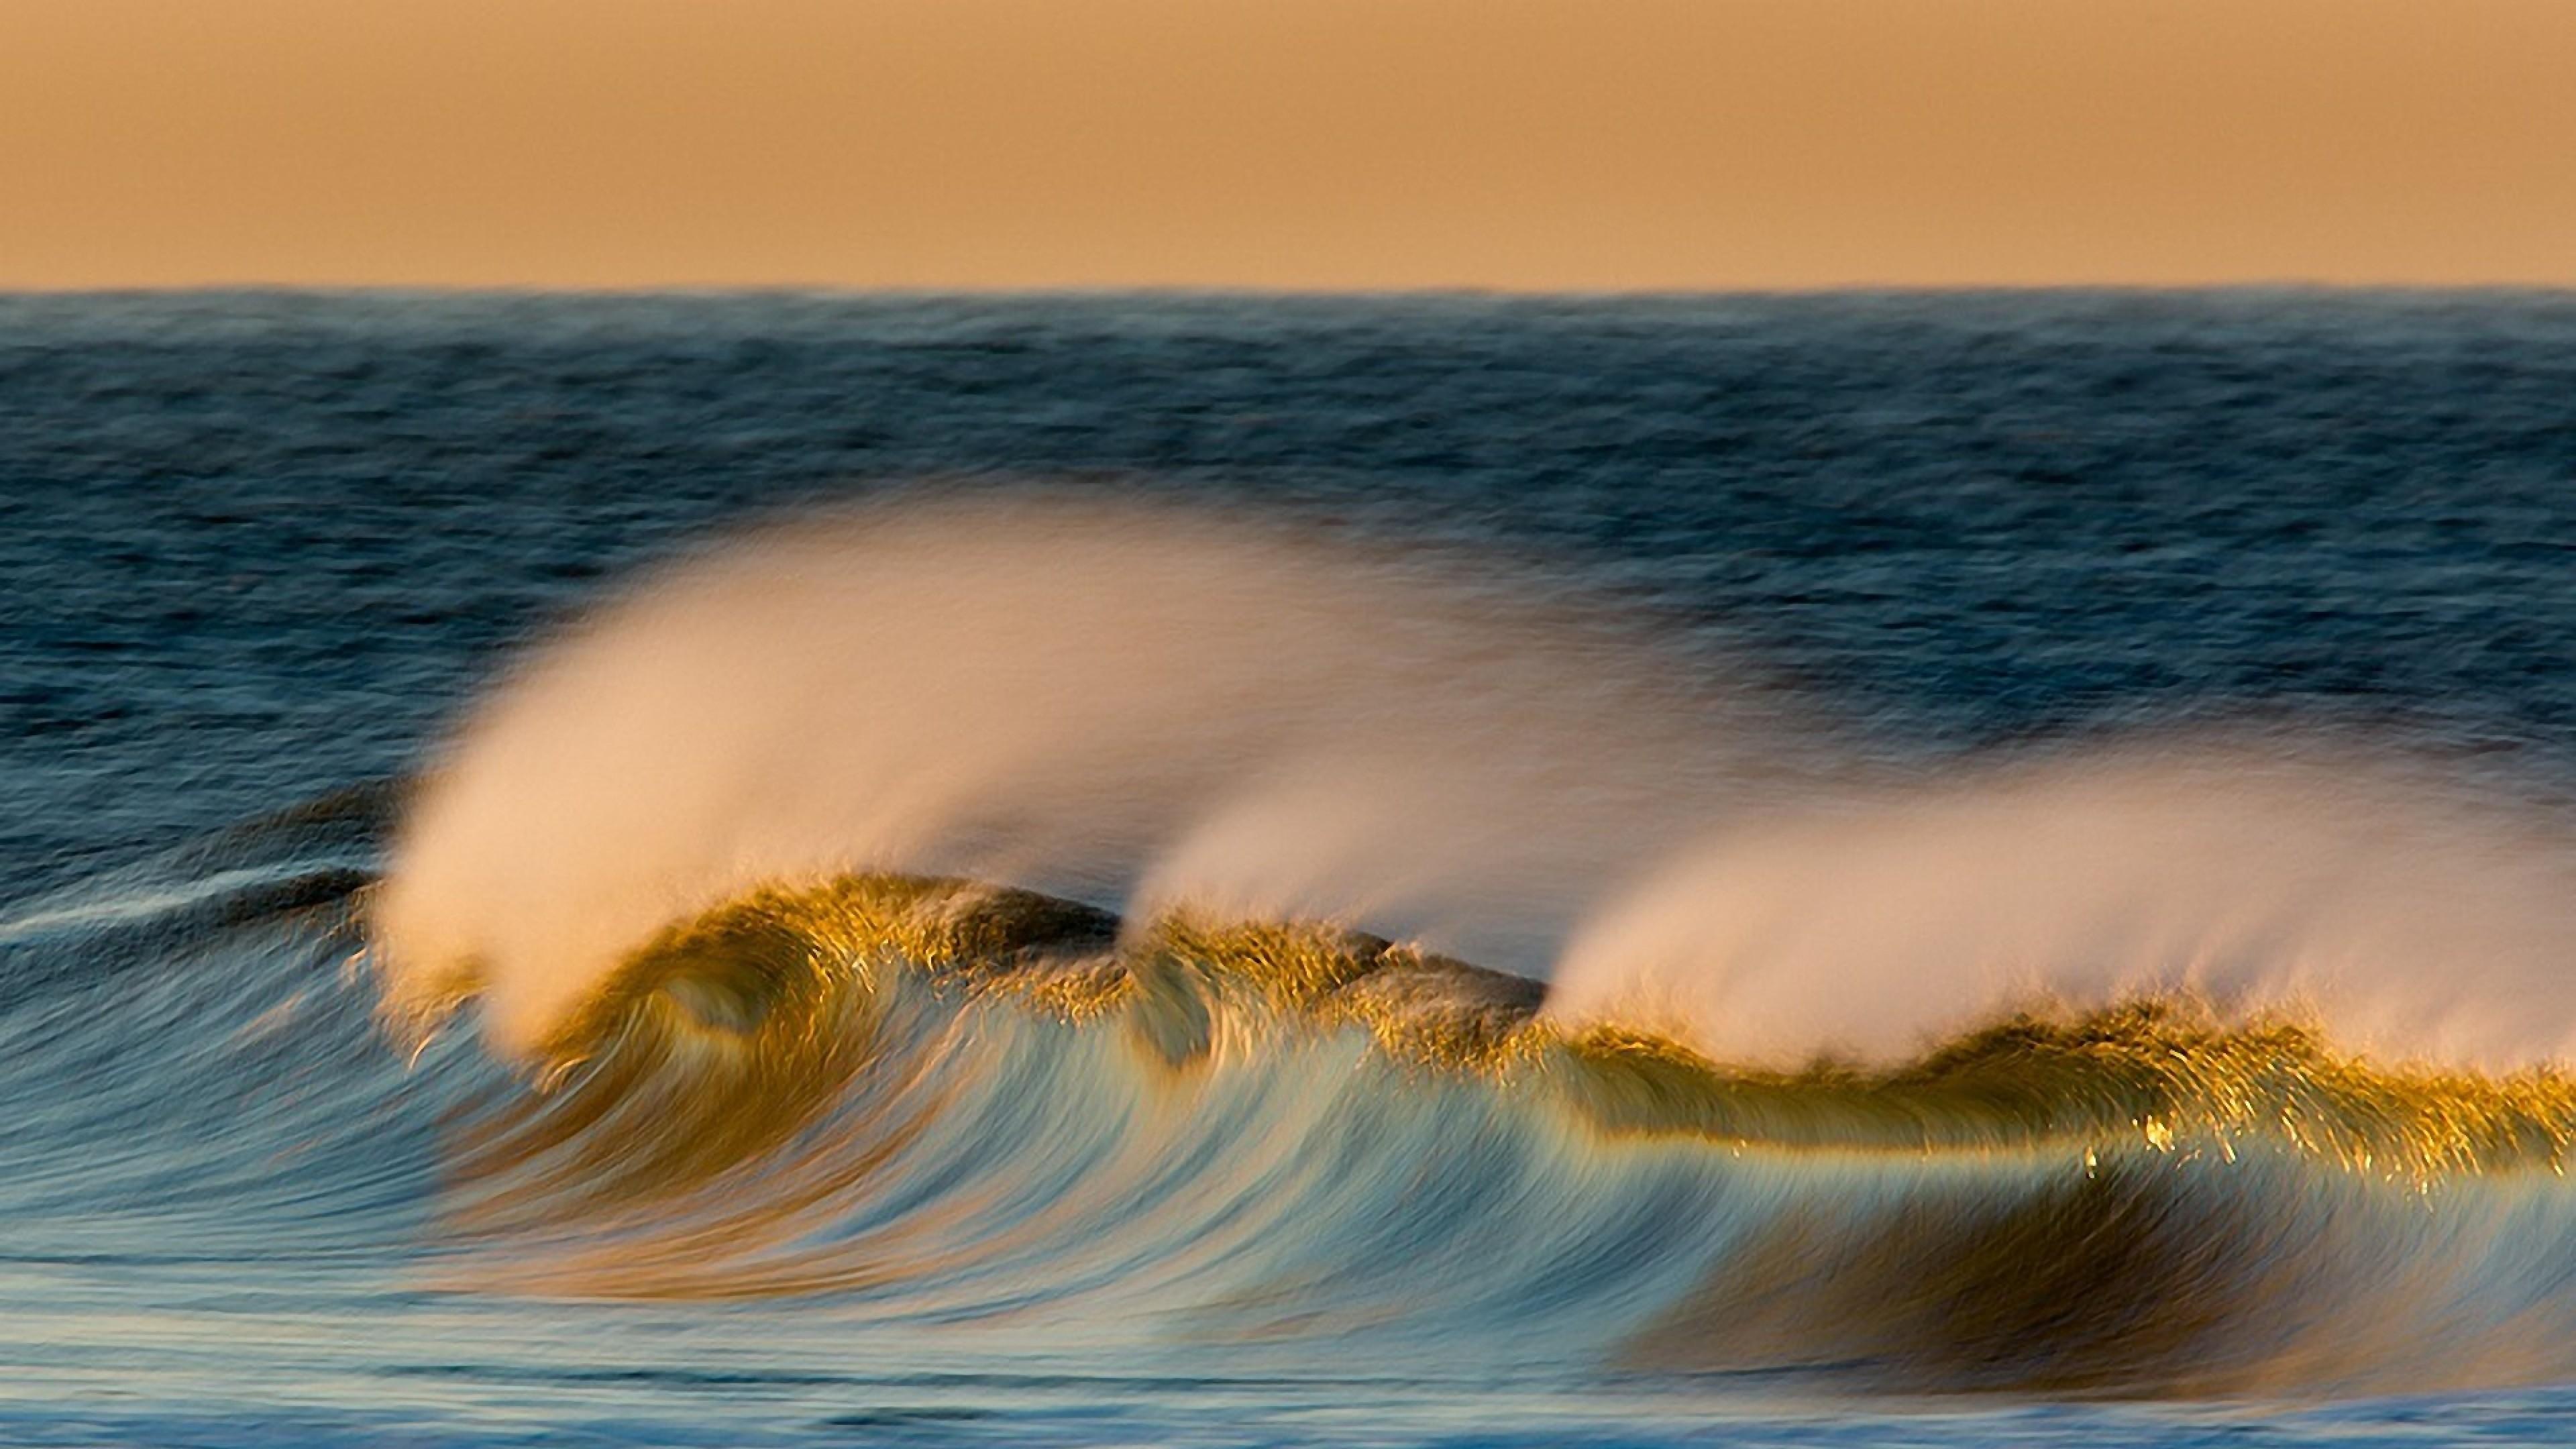 Landscape 4K Ultra HD Wallpaper | Wallpaper landscape, wave, ocean,  sea,